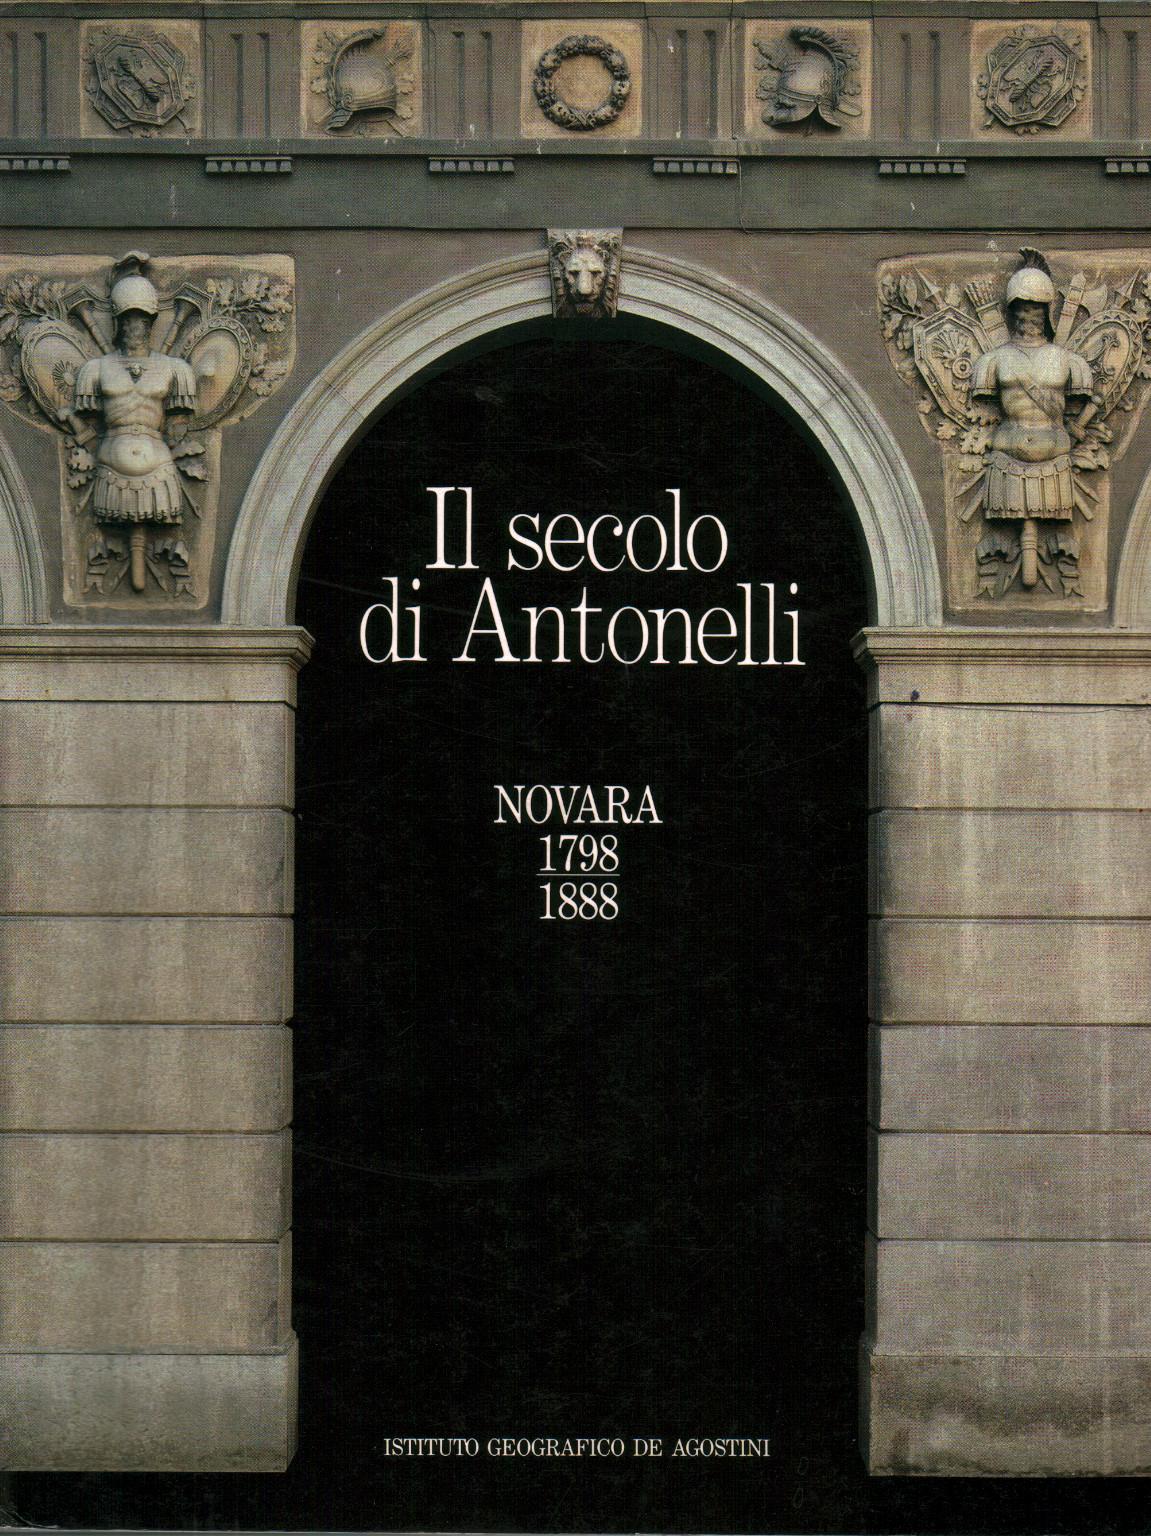 Il secolo di Antonelli Novara 1798-1888